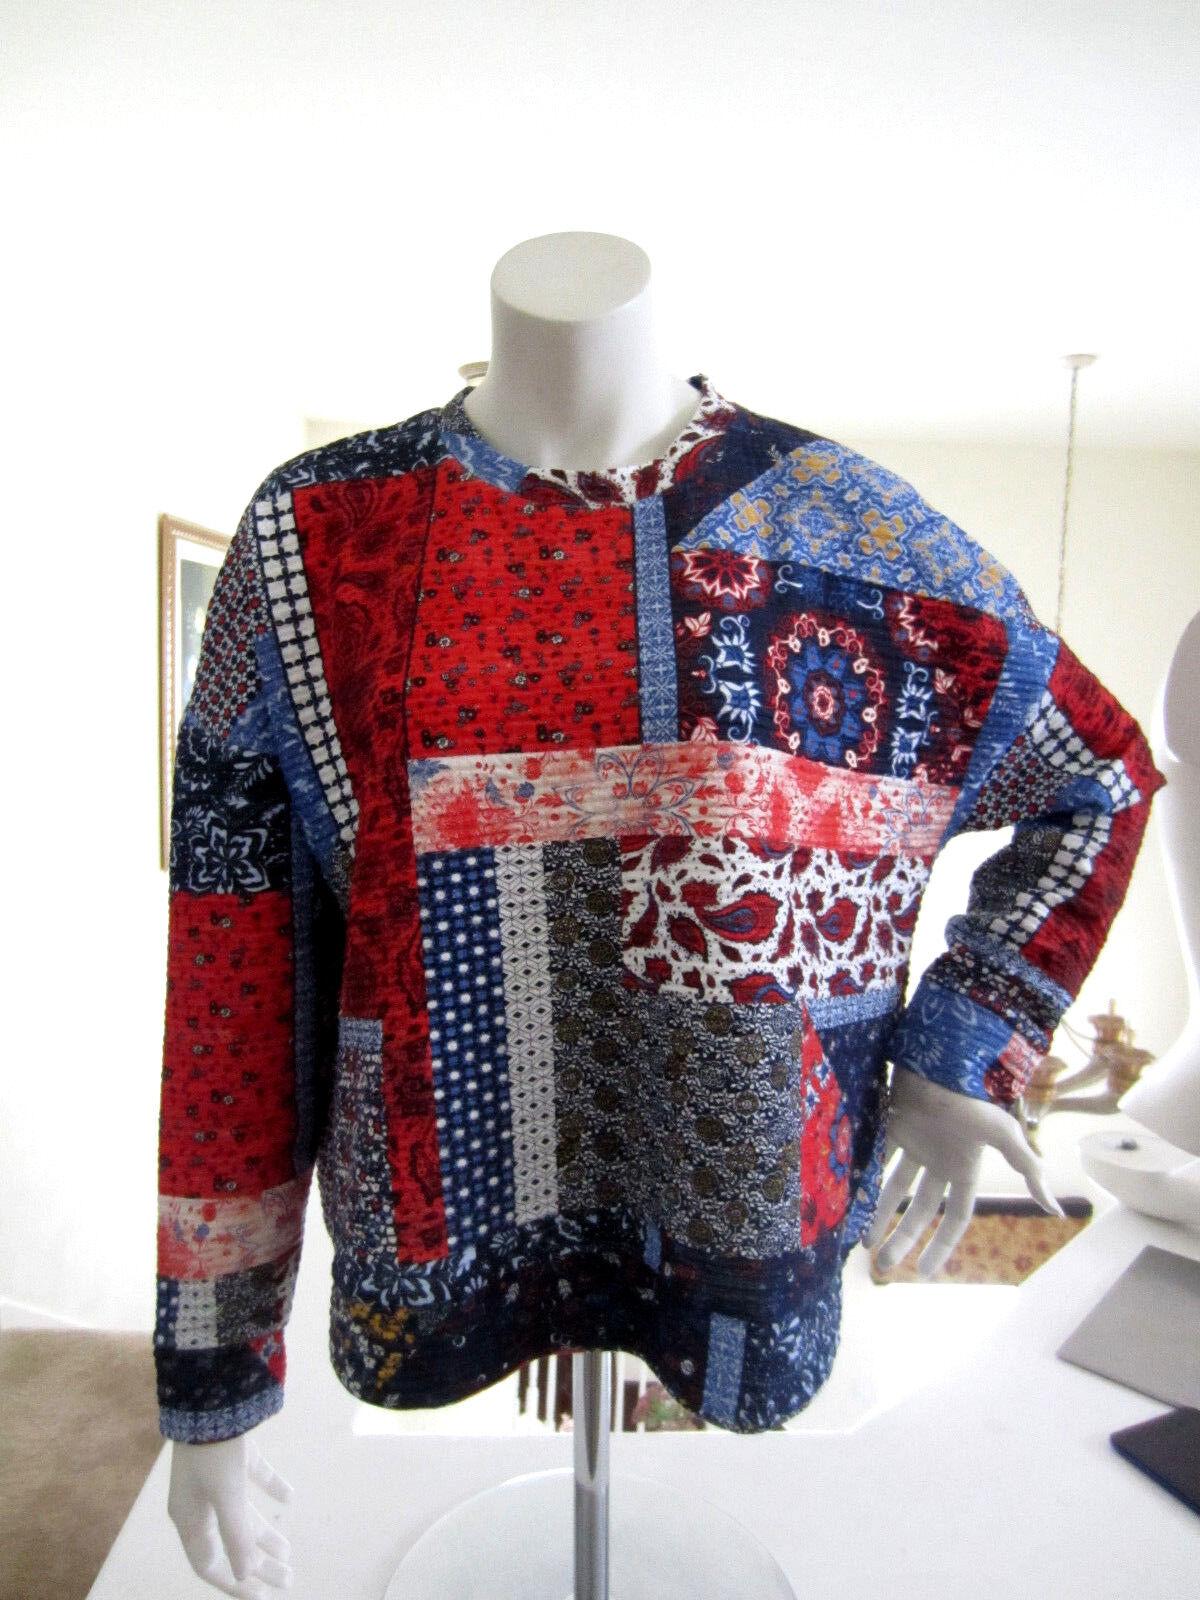 ZARA Trafaluc Women's Art Patch Cotton Blend Boxy Sweater NWT Size M